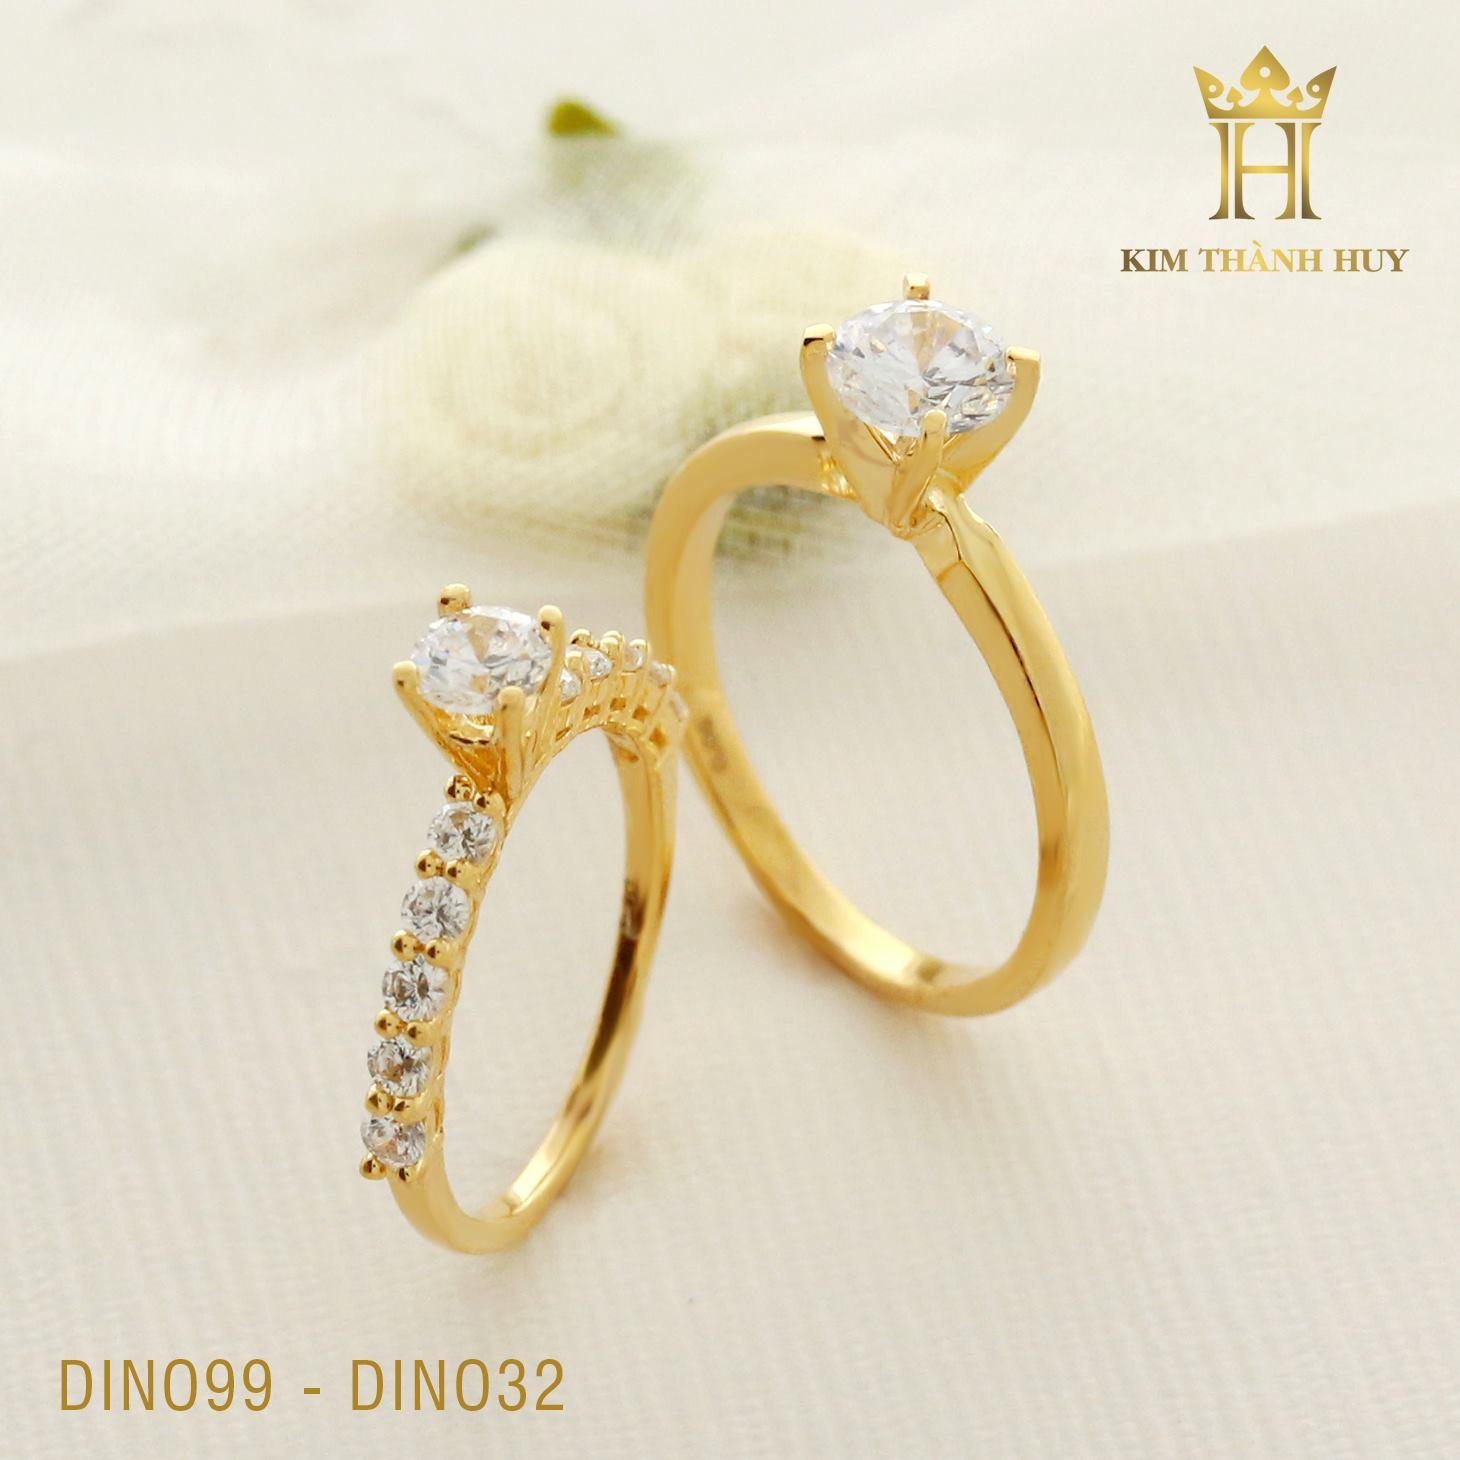 DINO99 - DINO32